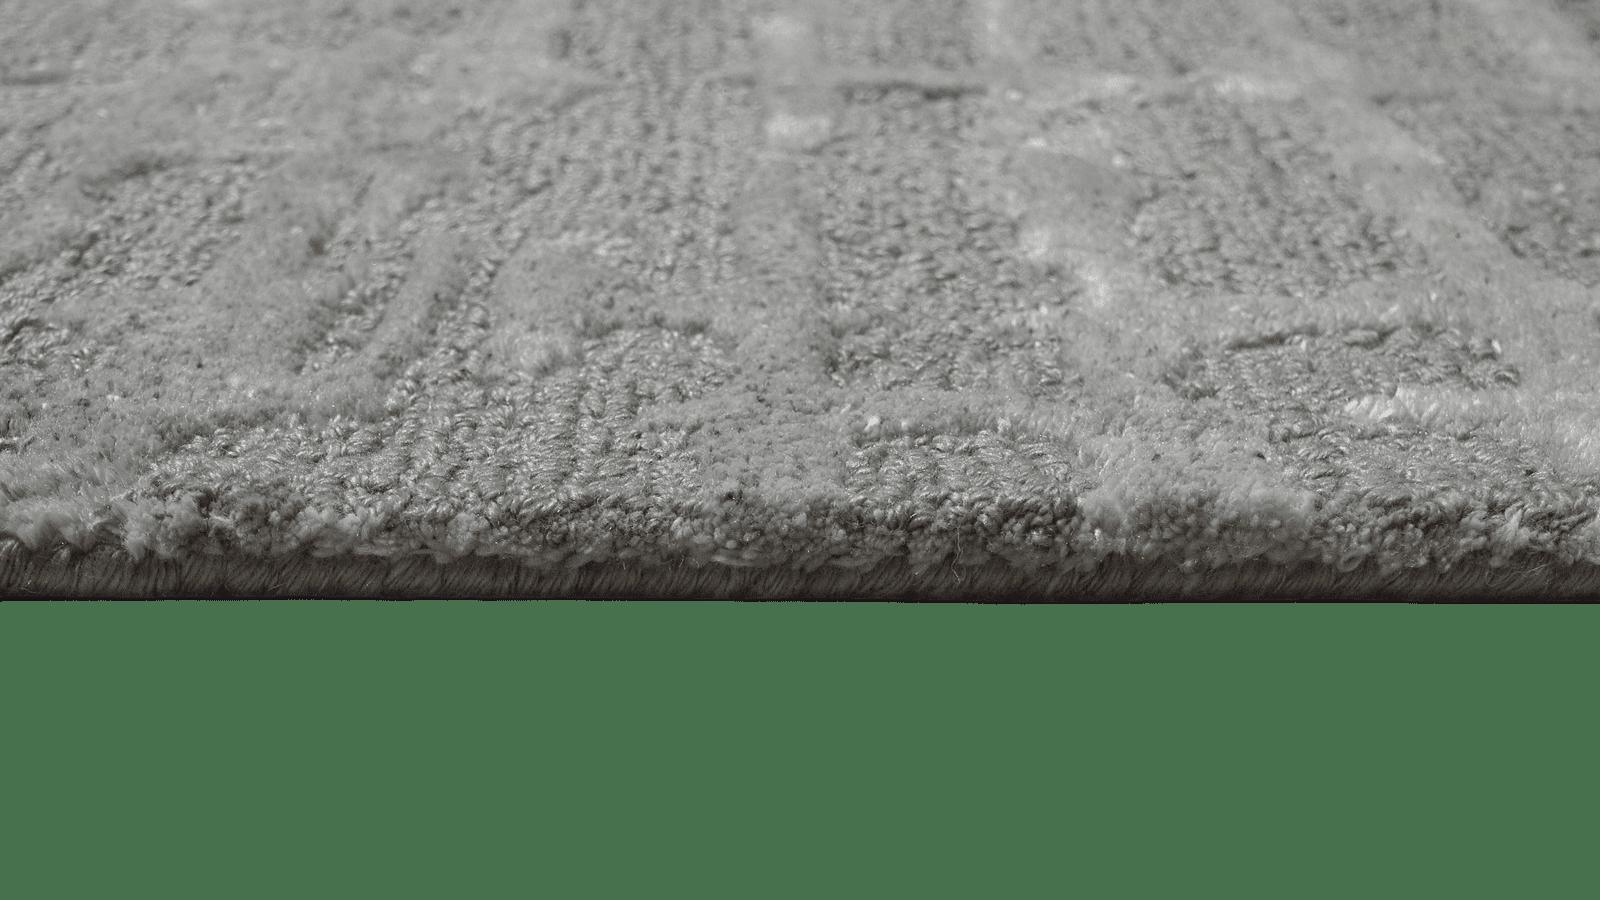 noble-denoble-design-tapijt-moderne-design-tapijten-luxe-vloerkleden-exclusief-vloerkleed-grijs-antraciet-230x160-koreman-maastricht